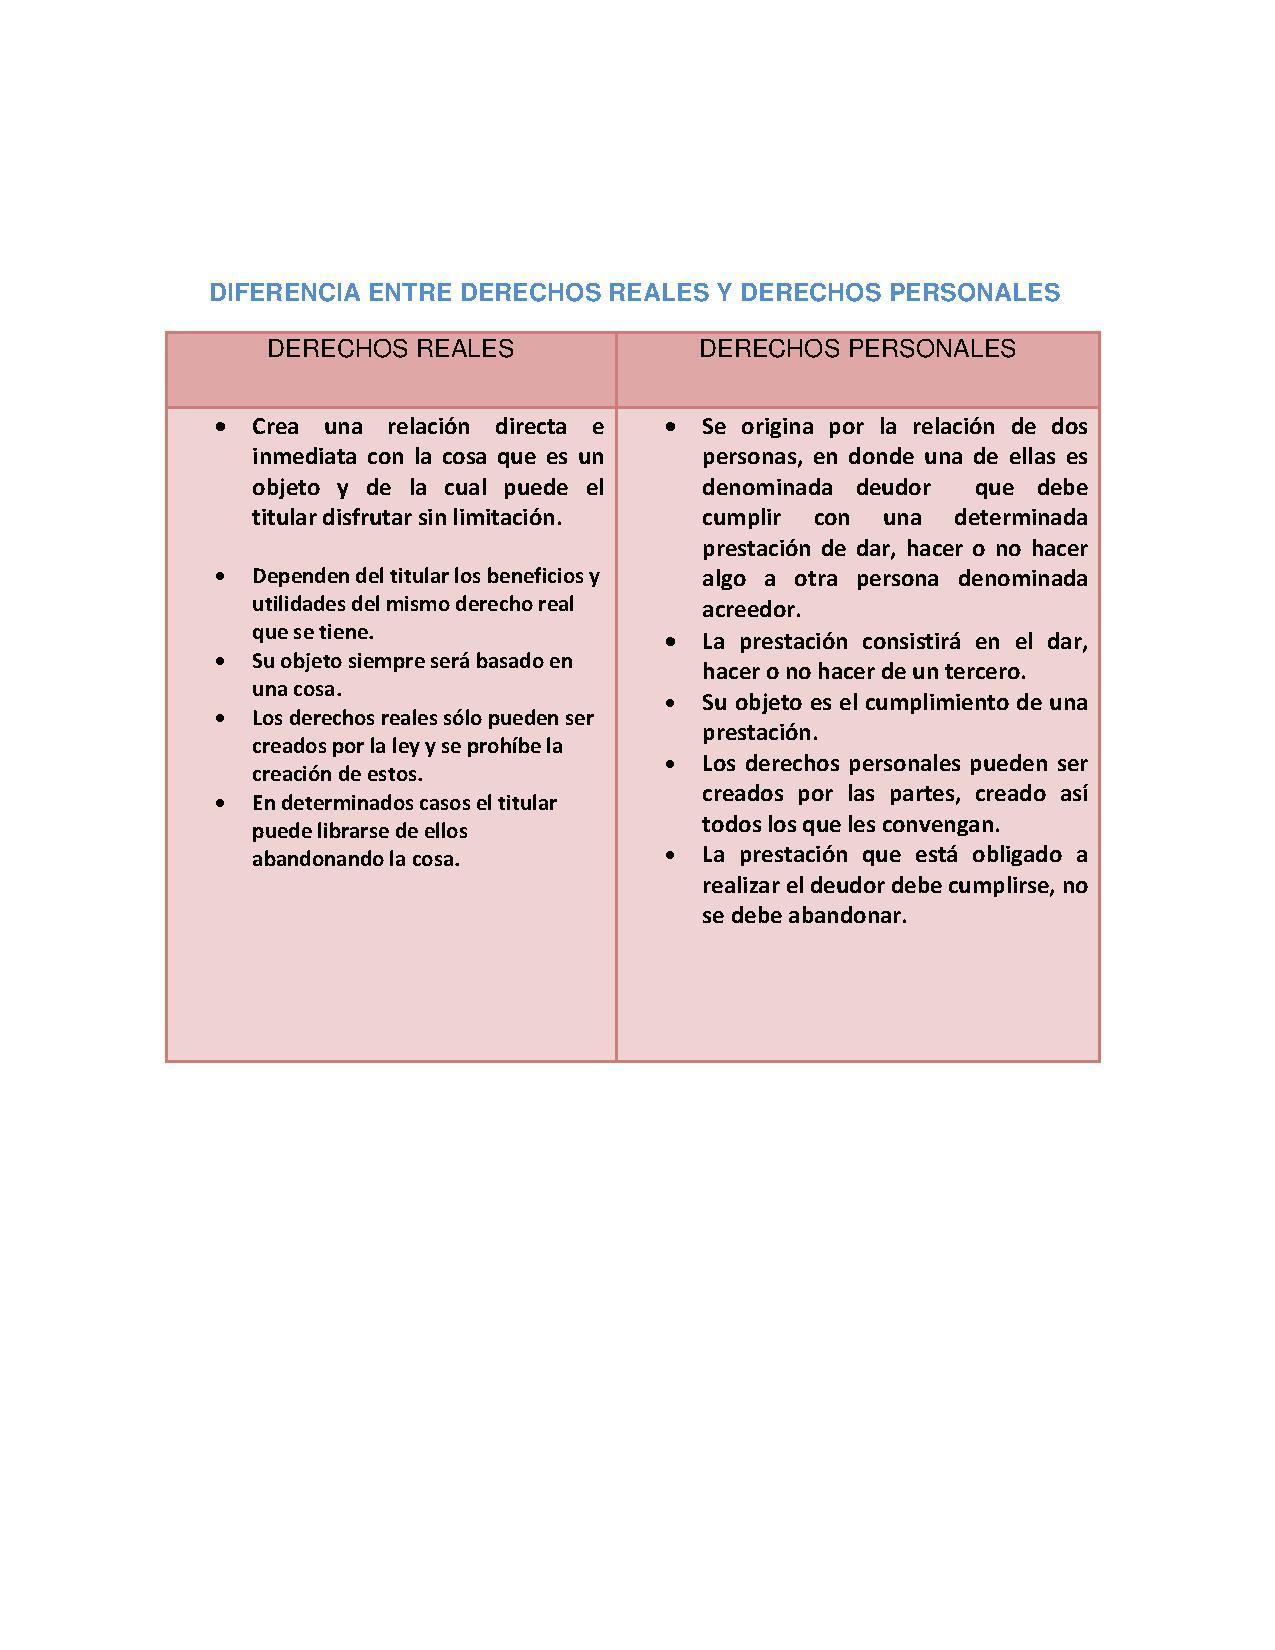 Diferencias Entre Matrimonio Romano Y Actual : Archivo cuadro comparativo de derechos reales y personales